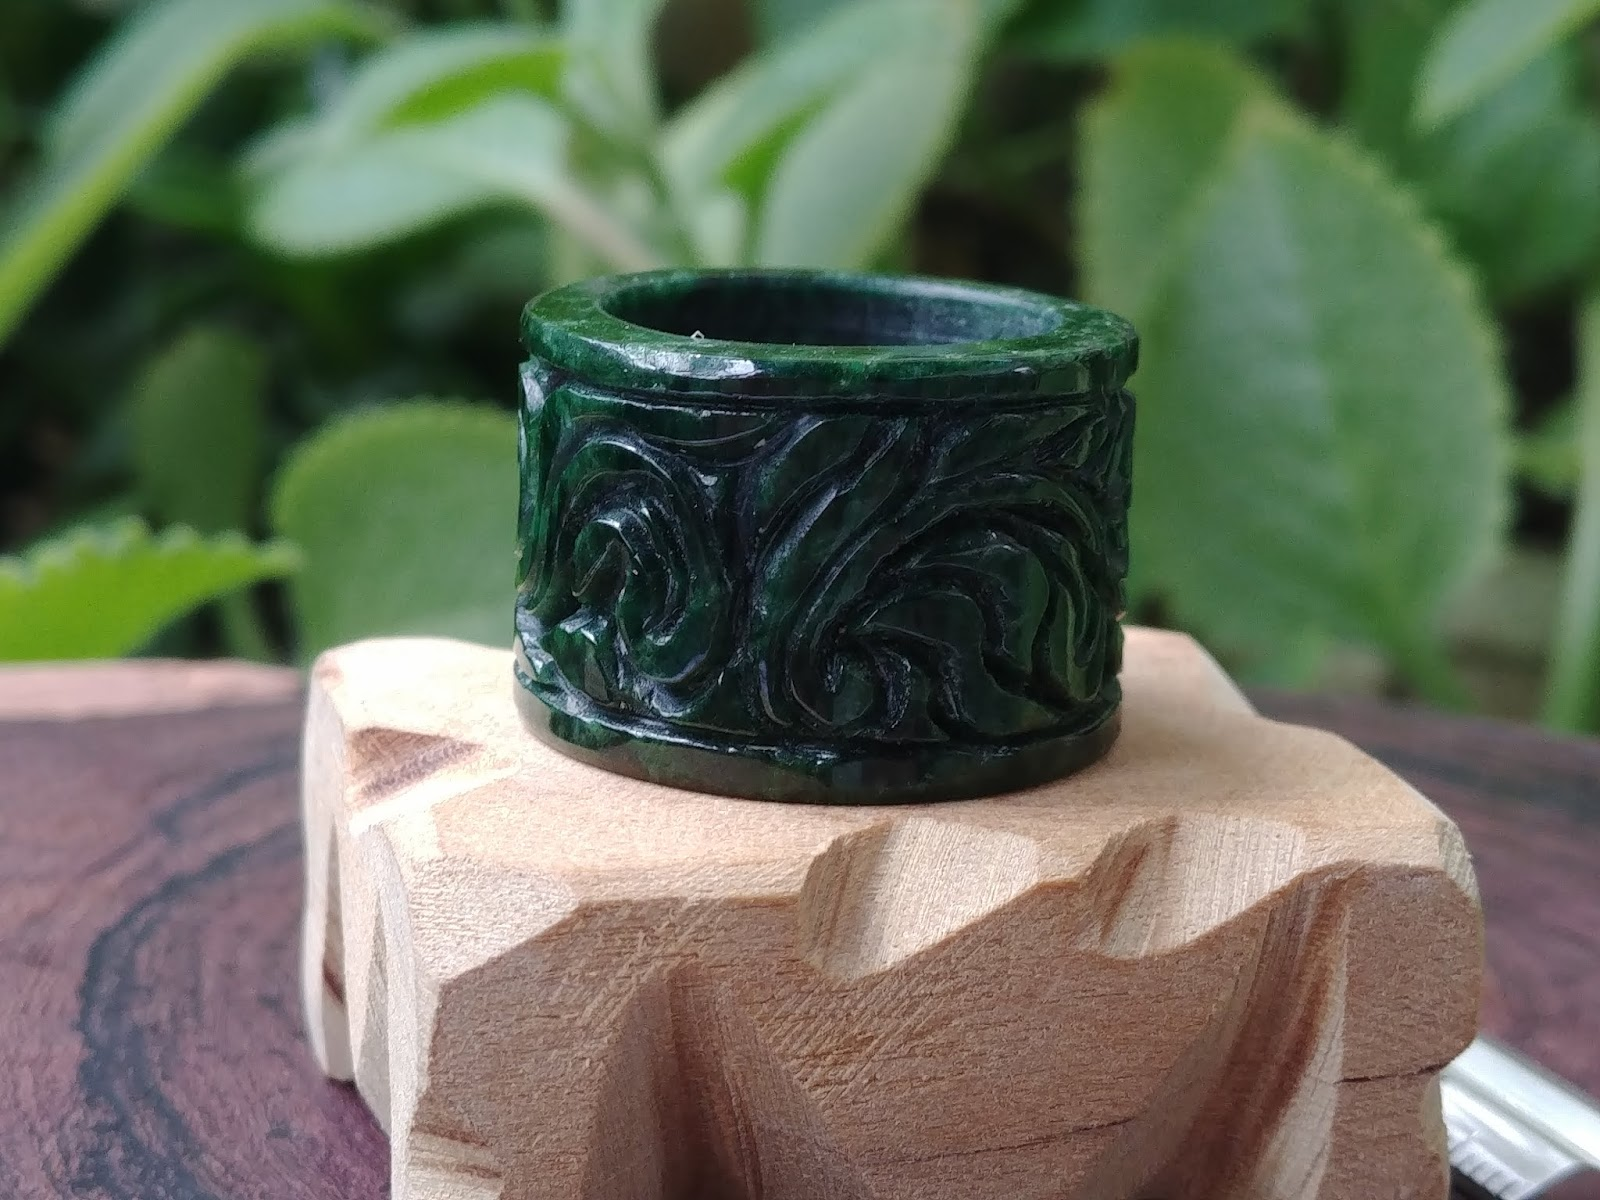 Nhẫn Càn Long Natural Jade, nghệ nhân Sài Gòn làm tay thiên nhiên không xử lý